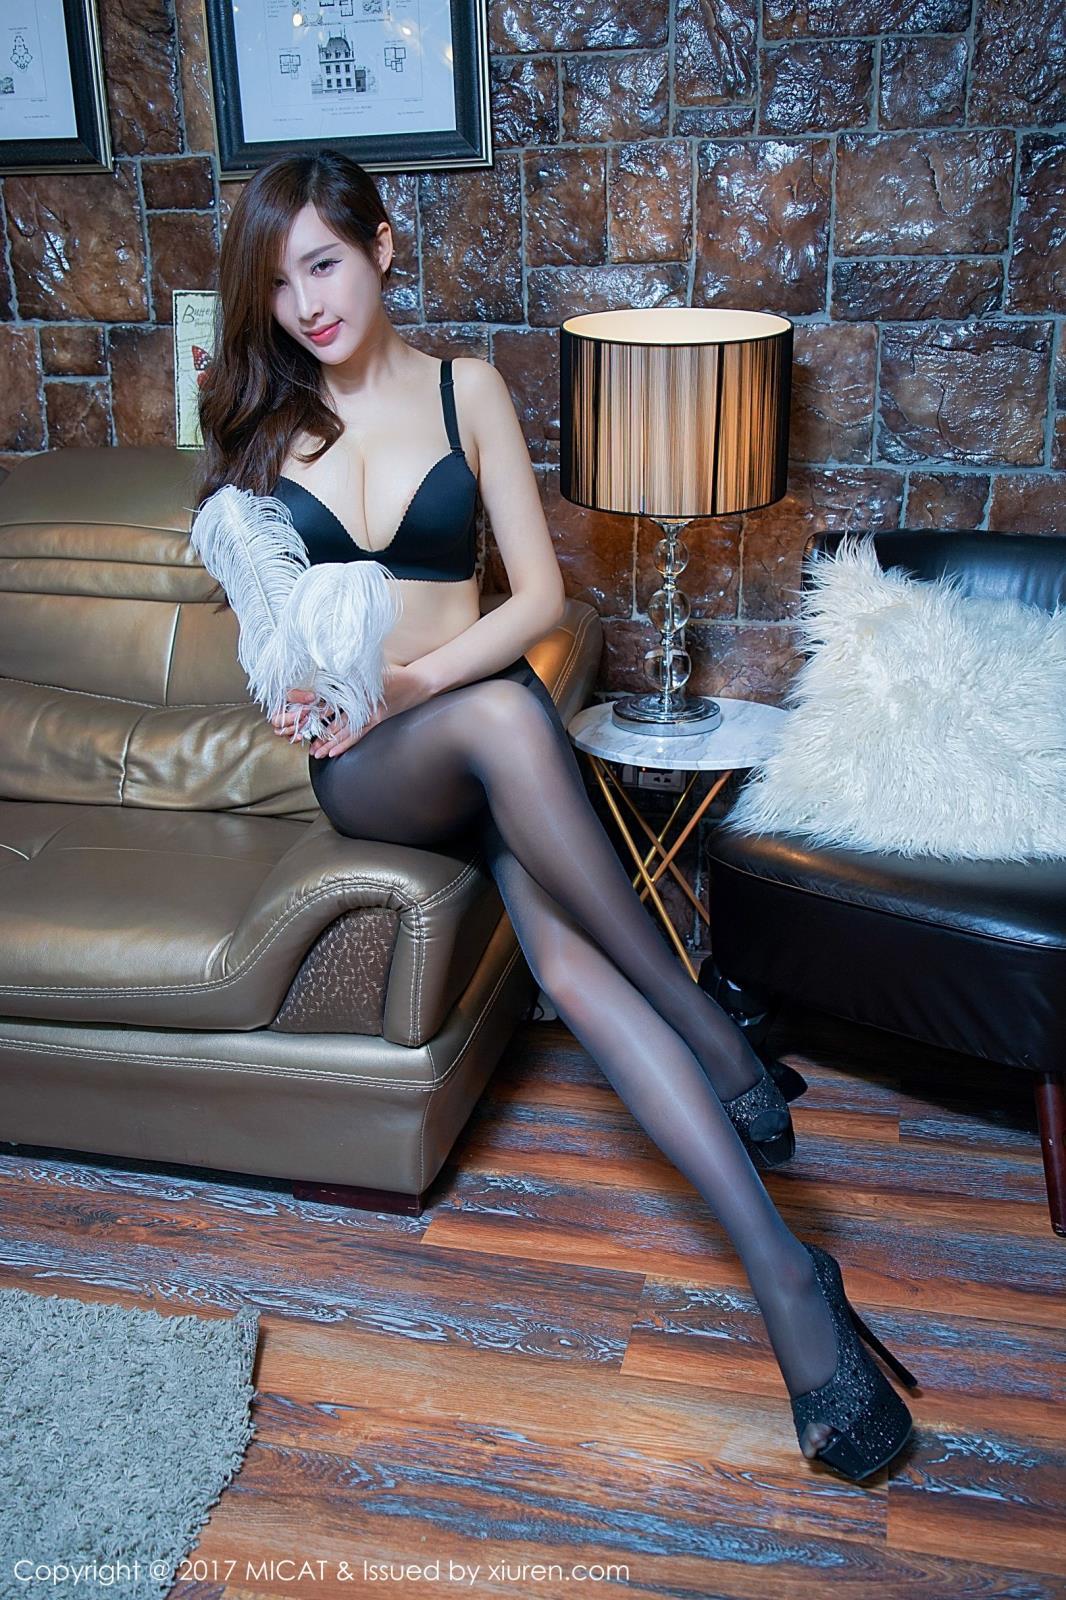 极品丝袜美腿美女Celia高挑性感私房写真图片